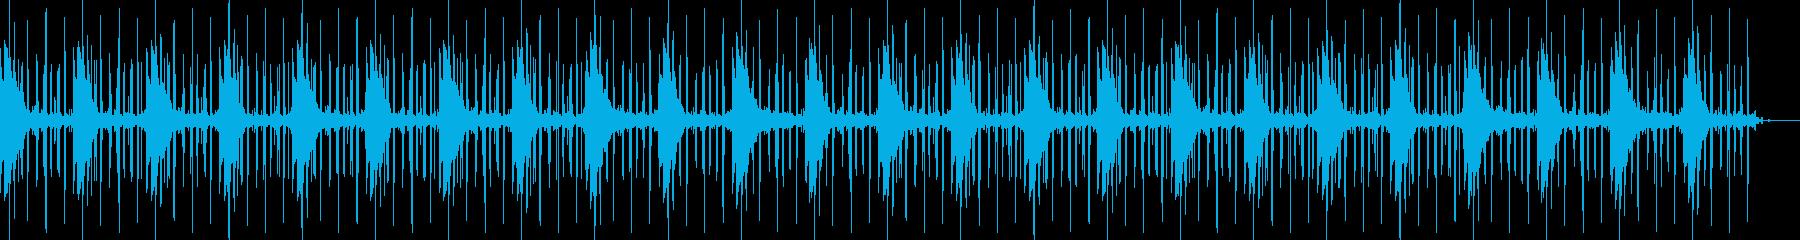 ヒーリング・リラックス・神秘的チルアウトの再生済みの波形